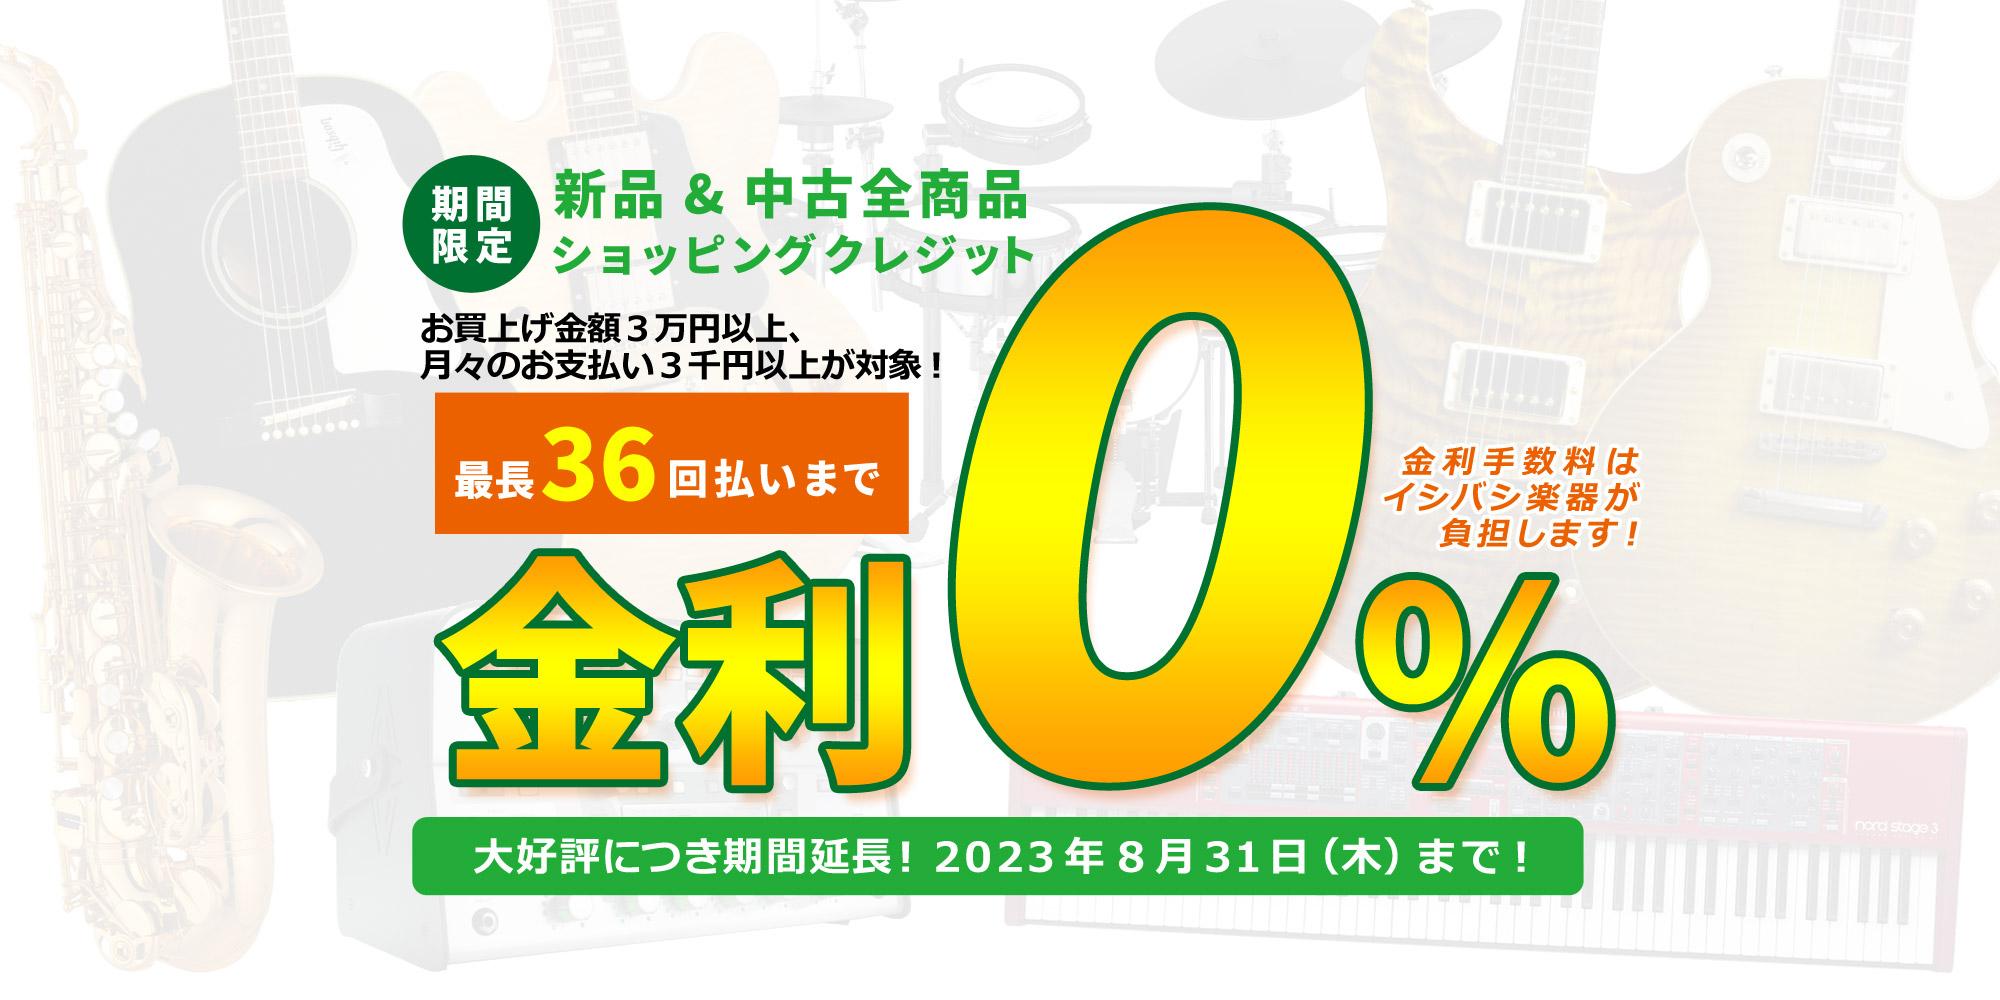 【新品&中古 全商品 ショッピングクレジット】36回払いまで 金利手数料 0% キャンペーン!【イシバシ楽器】